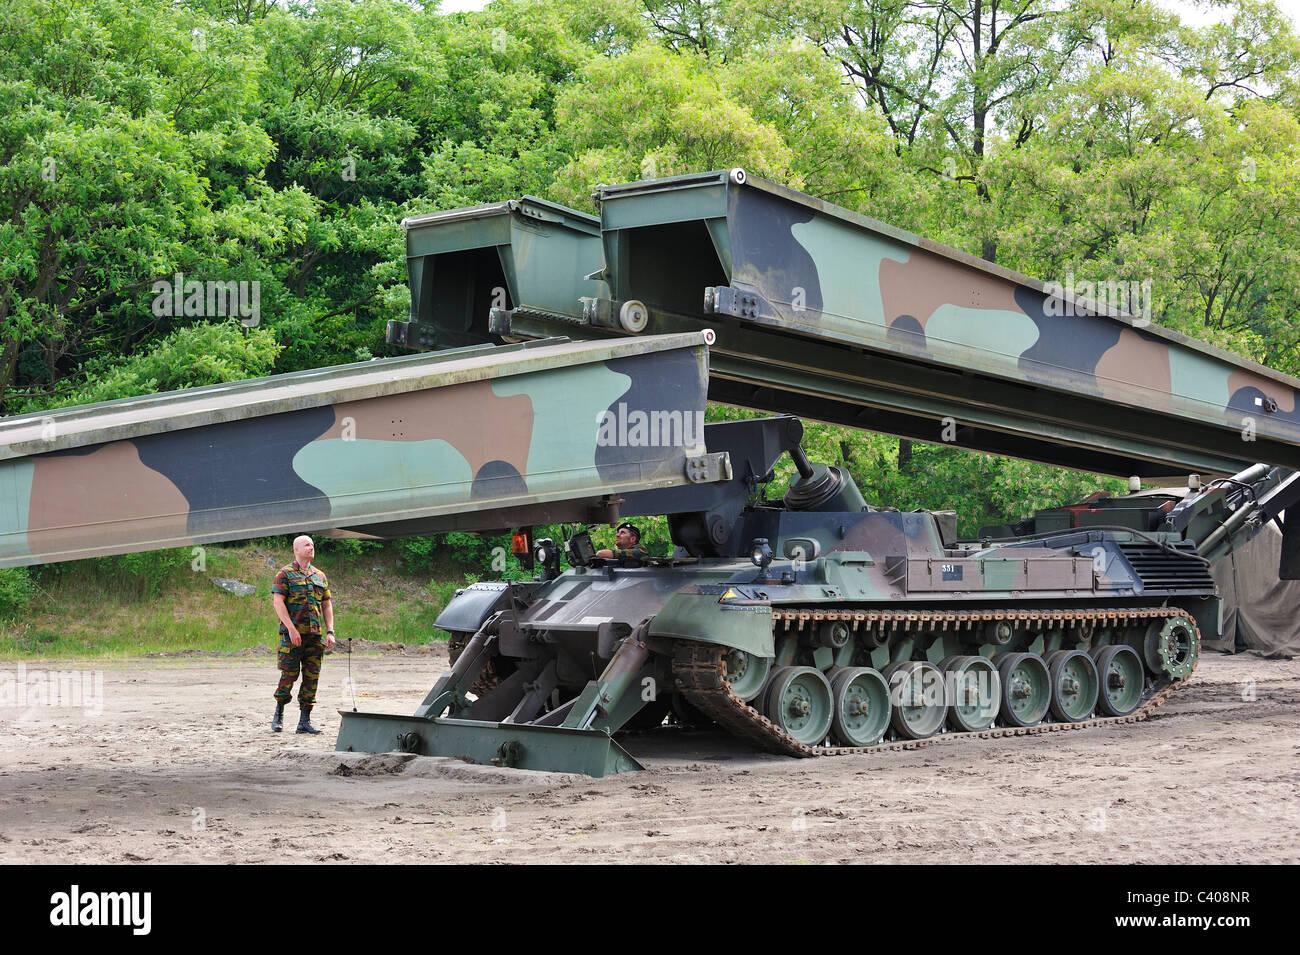 Iguana ponte di supporto montato su Leopard I serbatoio, ingegnere di combattimento veicolo dell'esercito belga, Immagini Stock